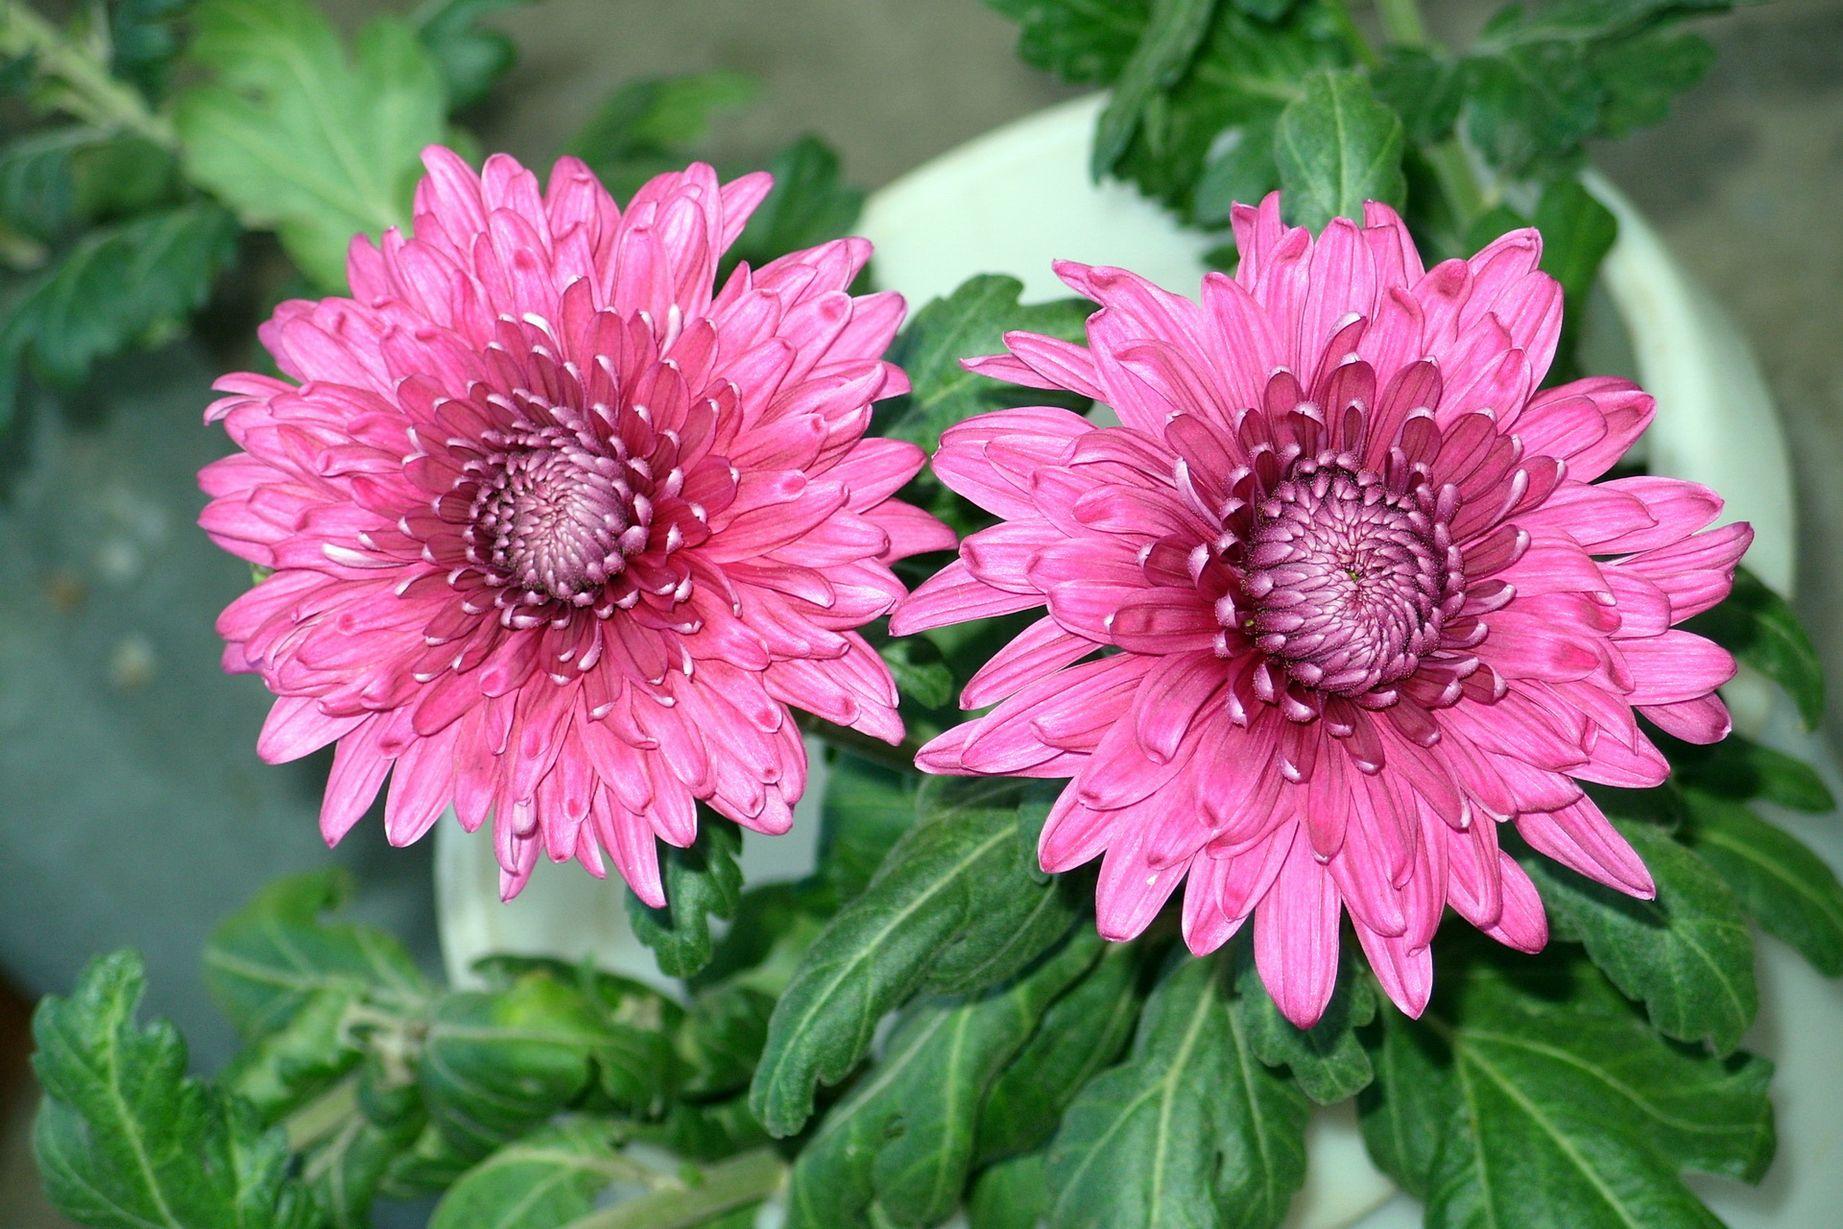 фотографии цветов хризантем стычки